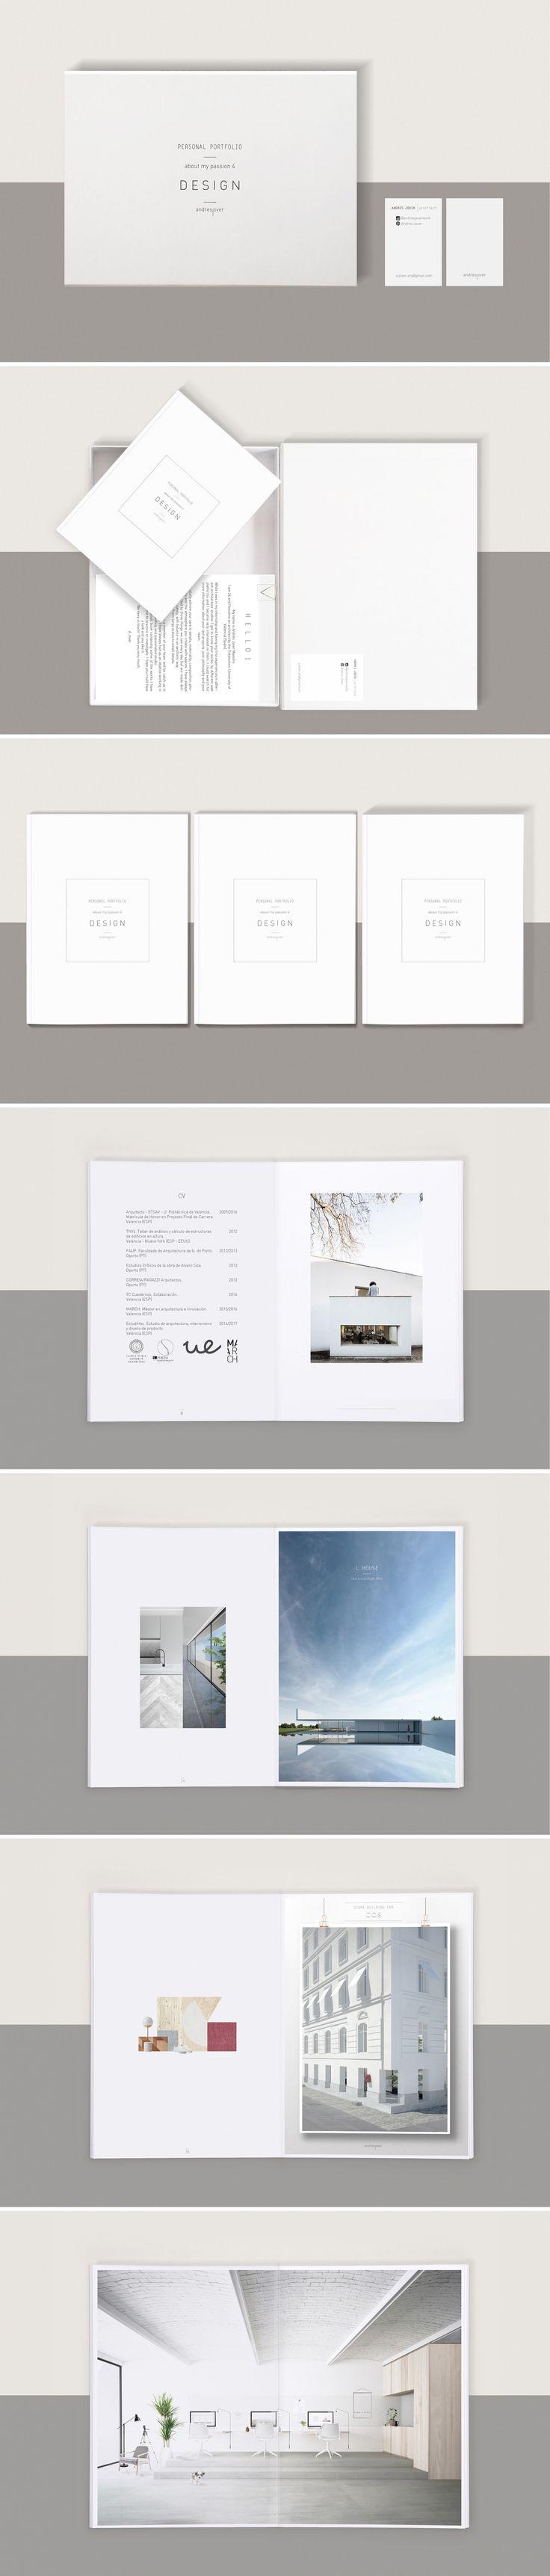 potfolio andres jover portfolio layout graphic design architecture book - Design Portfolio Ideas